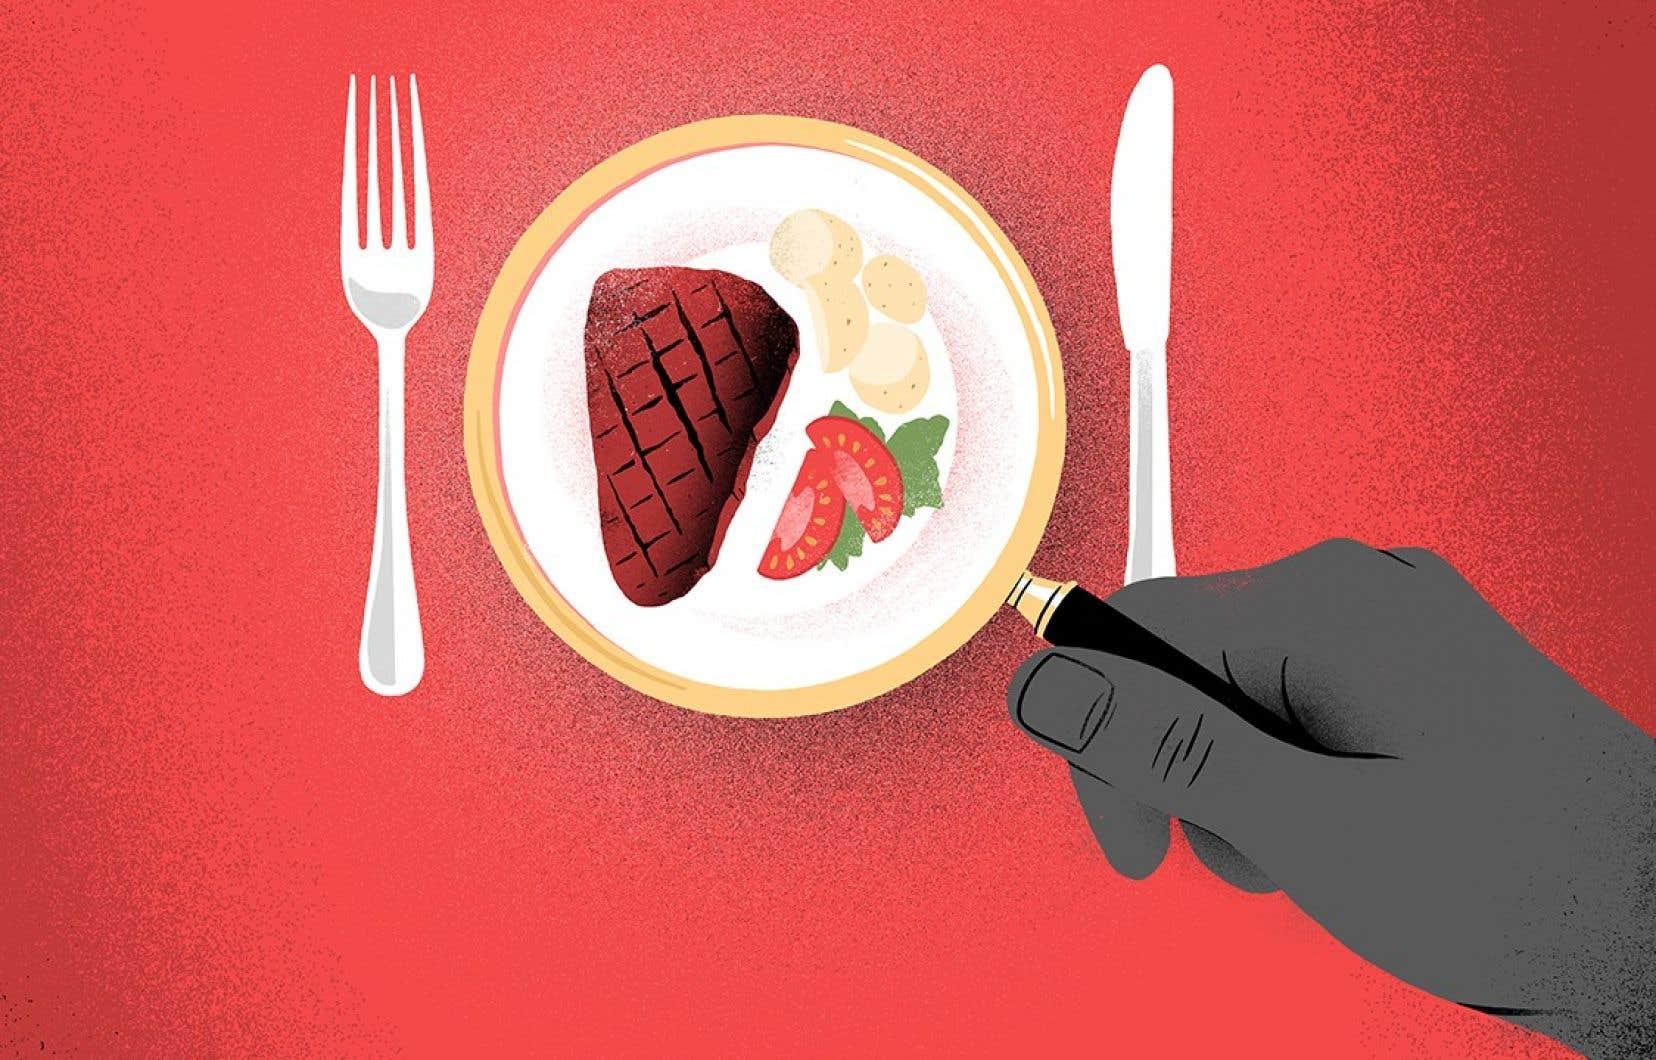 Selon une étude, les aliments représentent le quart de nos émissions individuelles de GES chaque année.